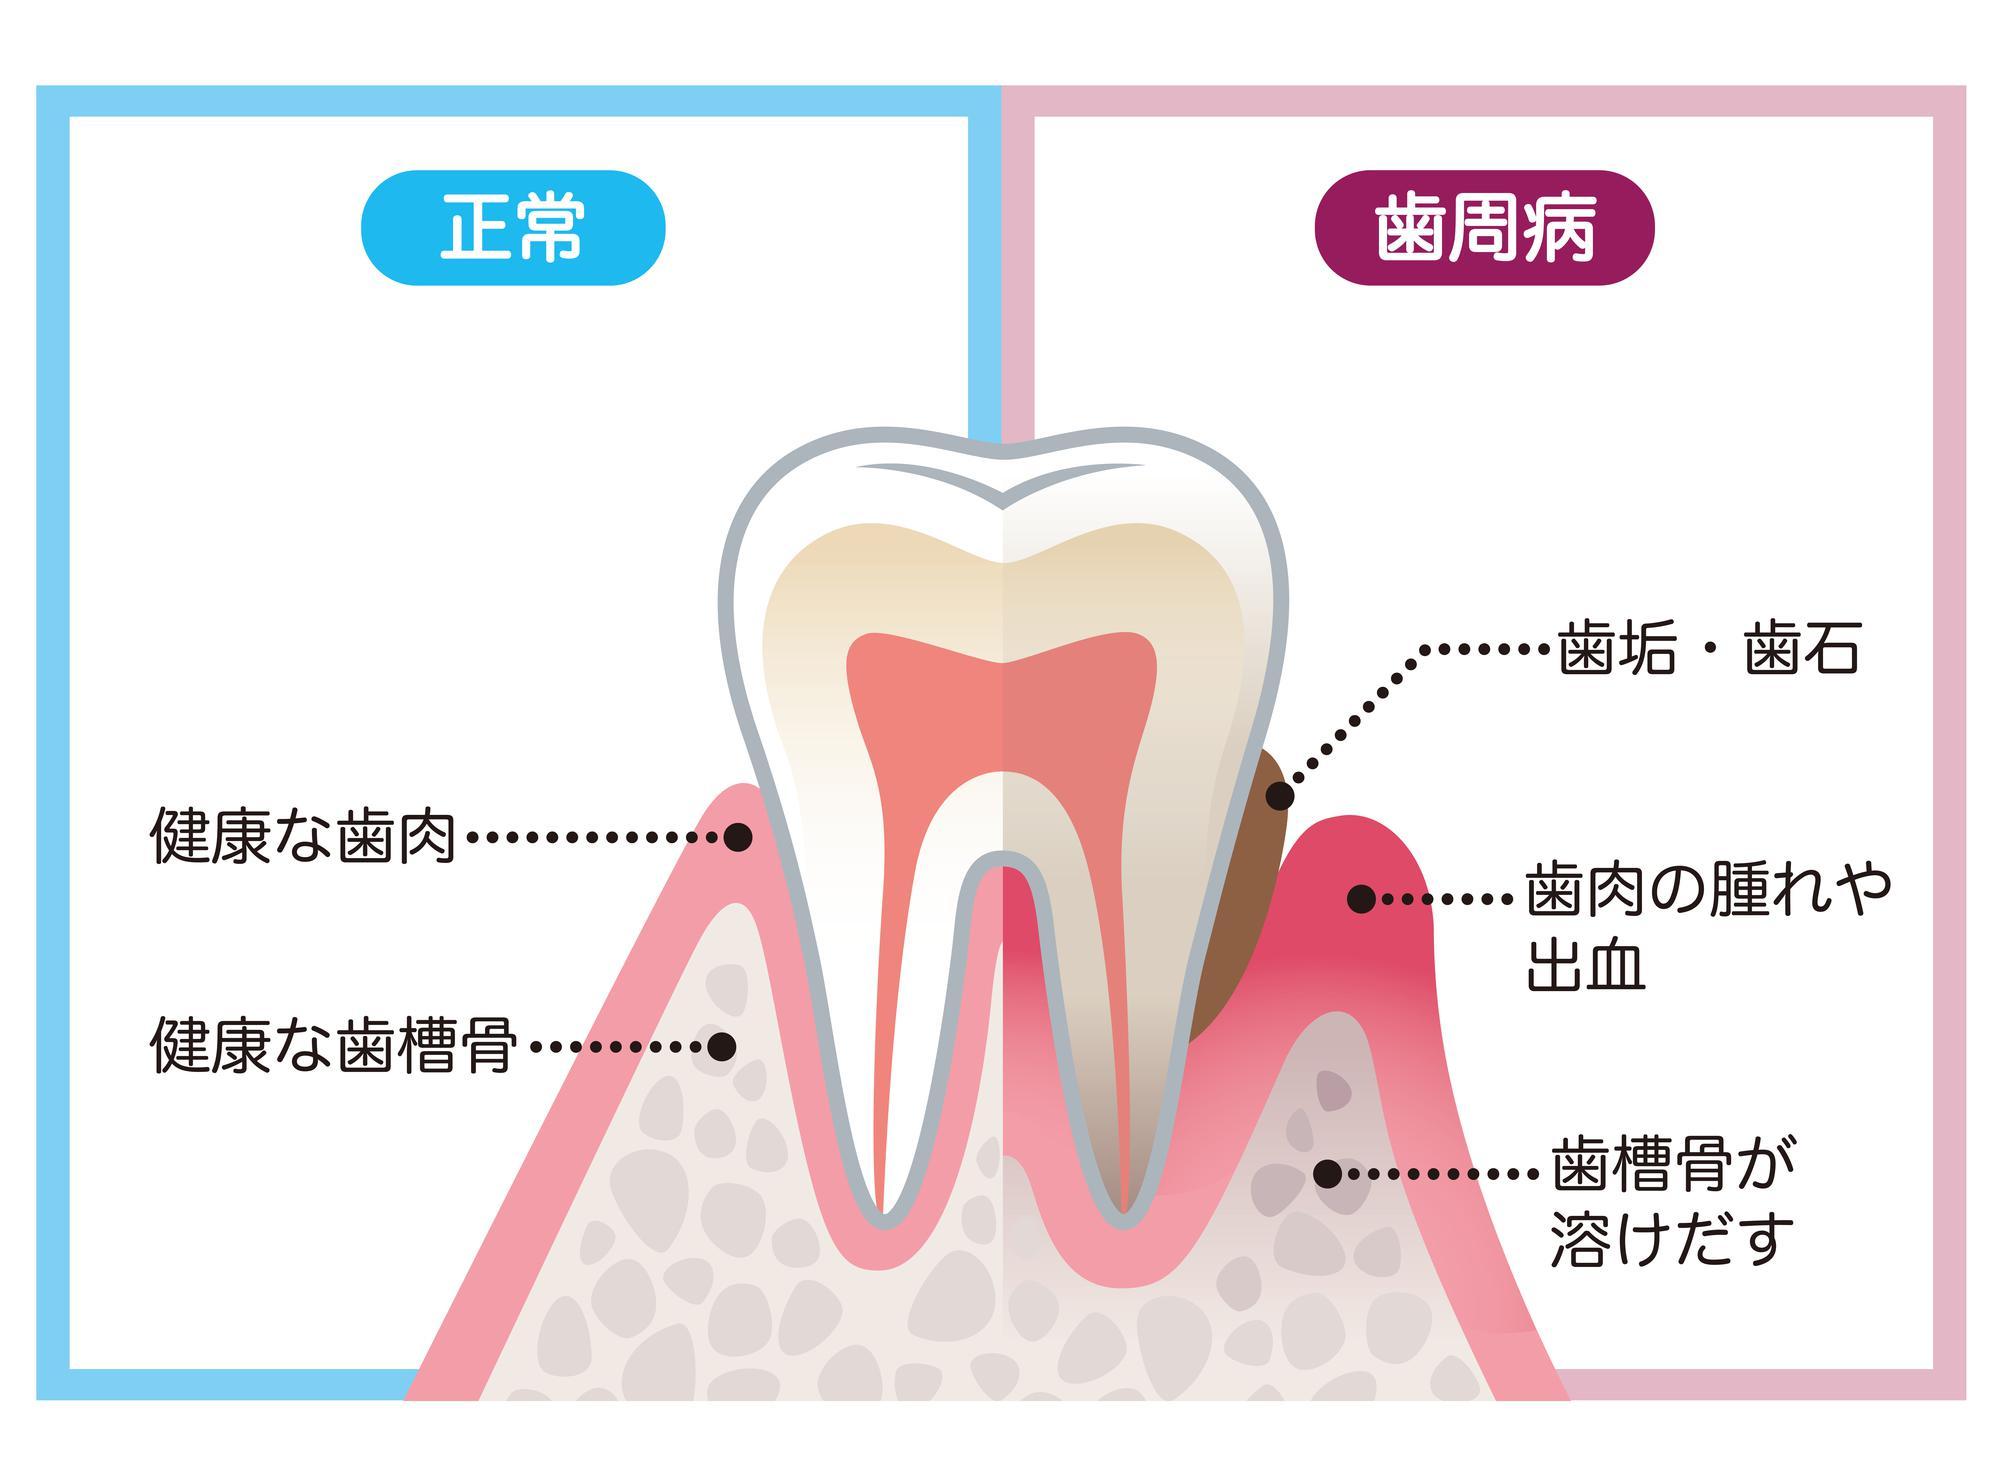 歯周病と健康な歯のイラスト